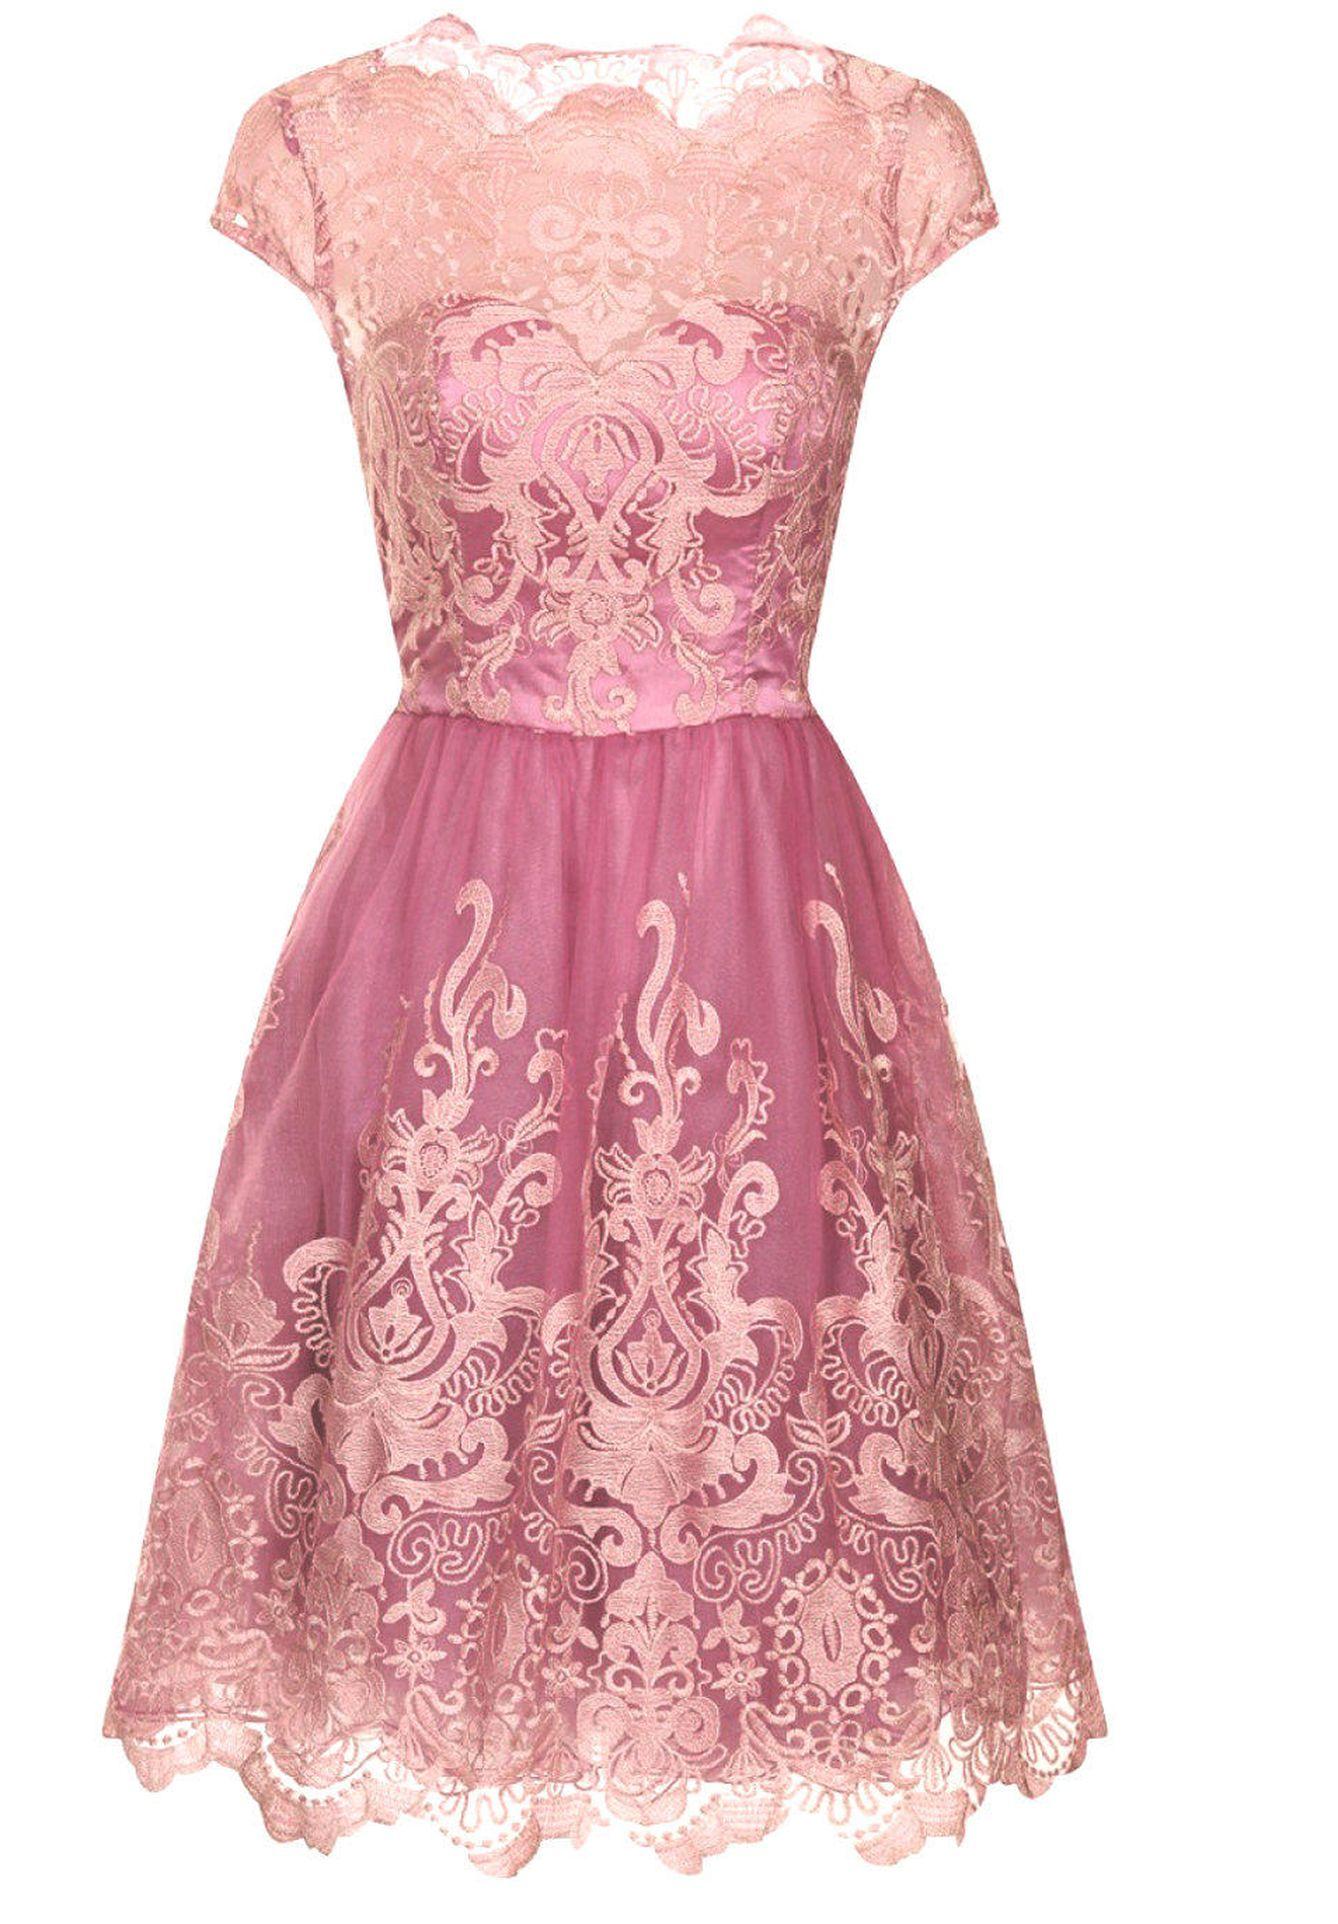 Bodas de famosos: 25 vestidos para invitadas de boda por menos de ...